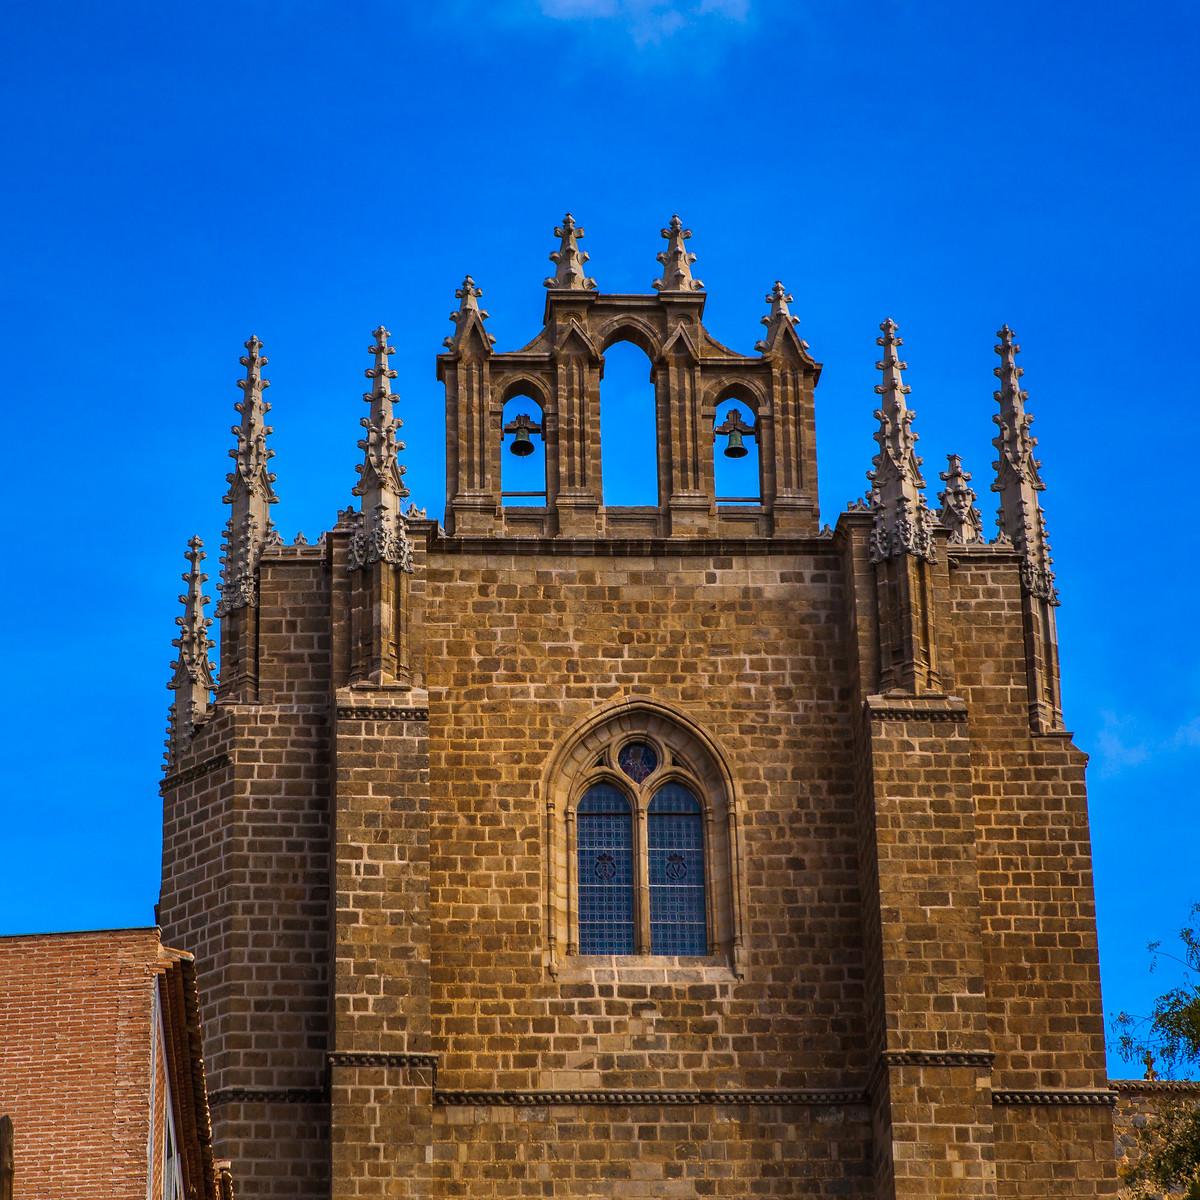 西班牙小鎮的古建築,走近看一看_圖1-7